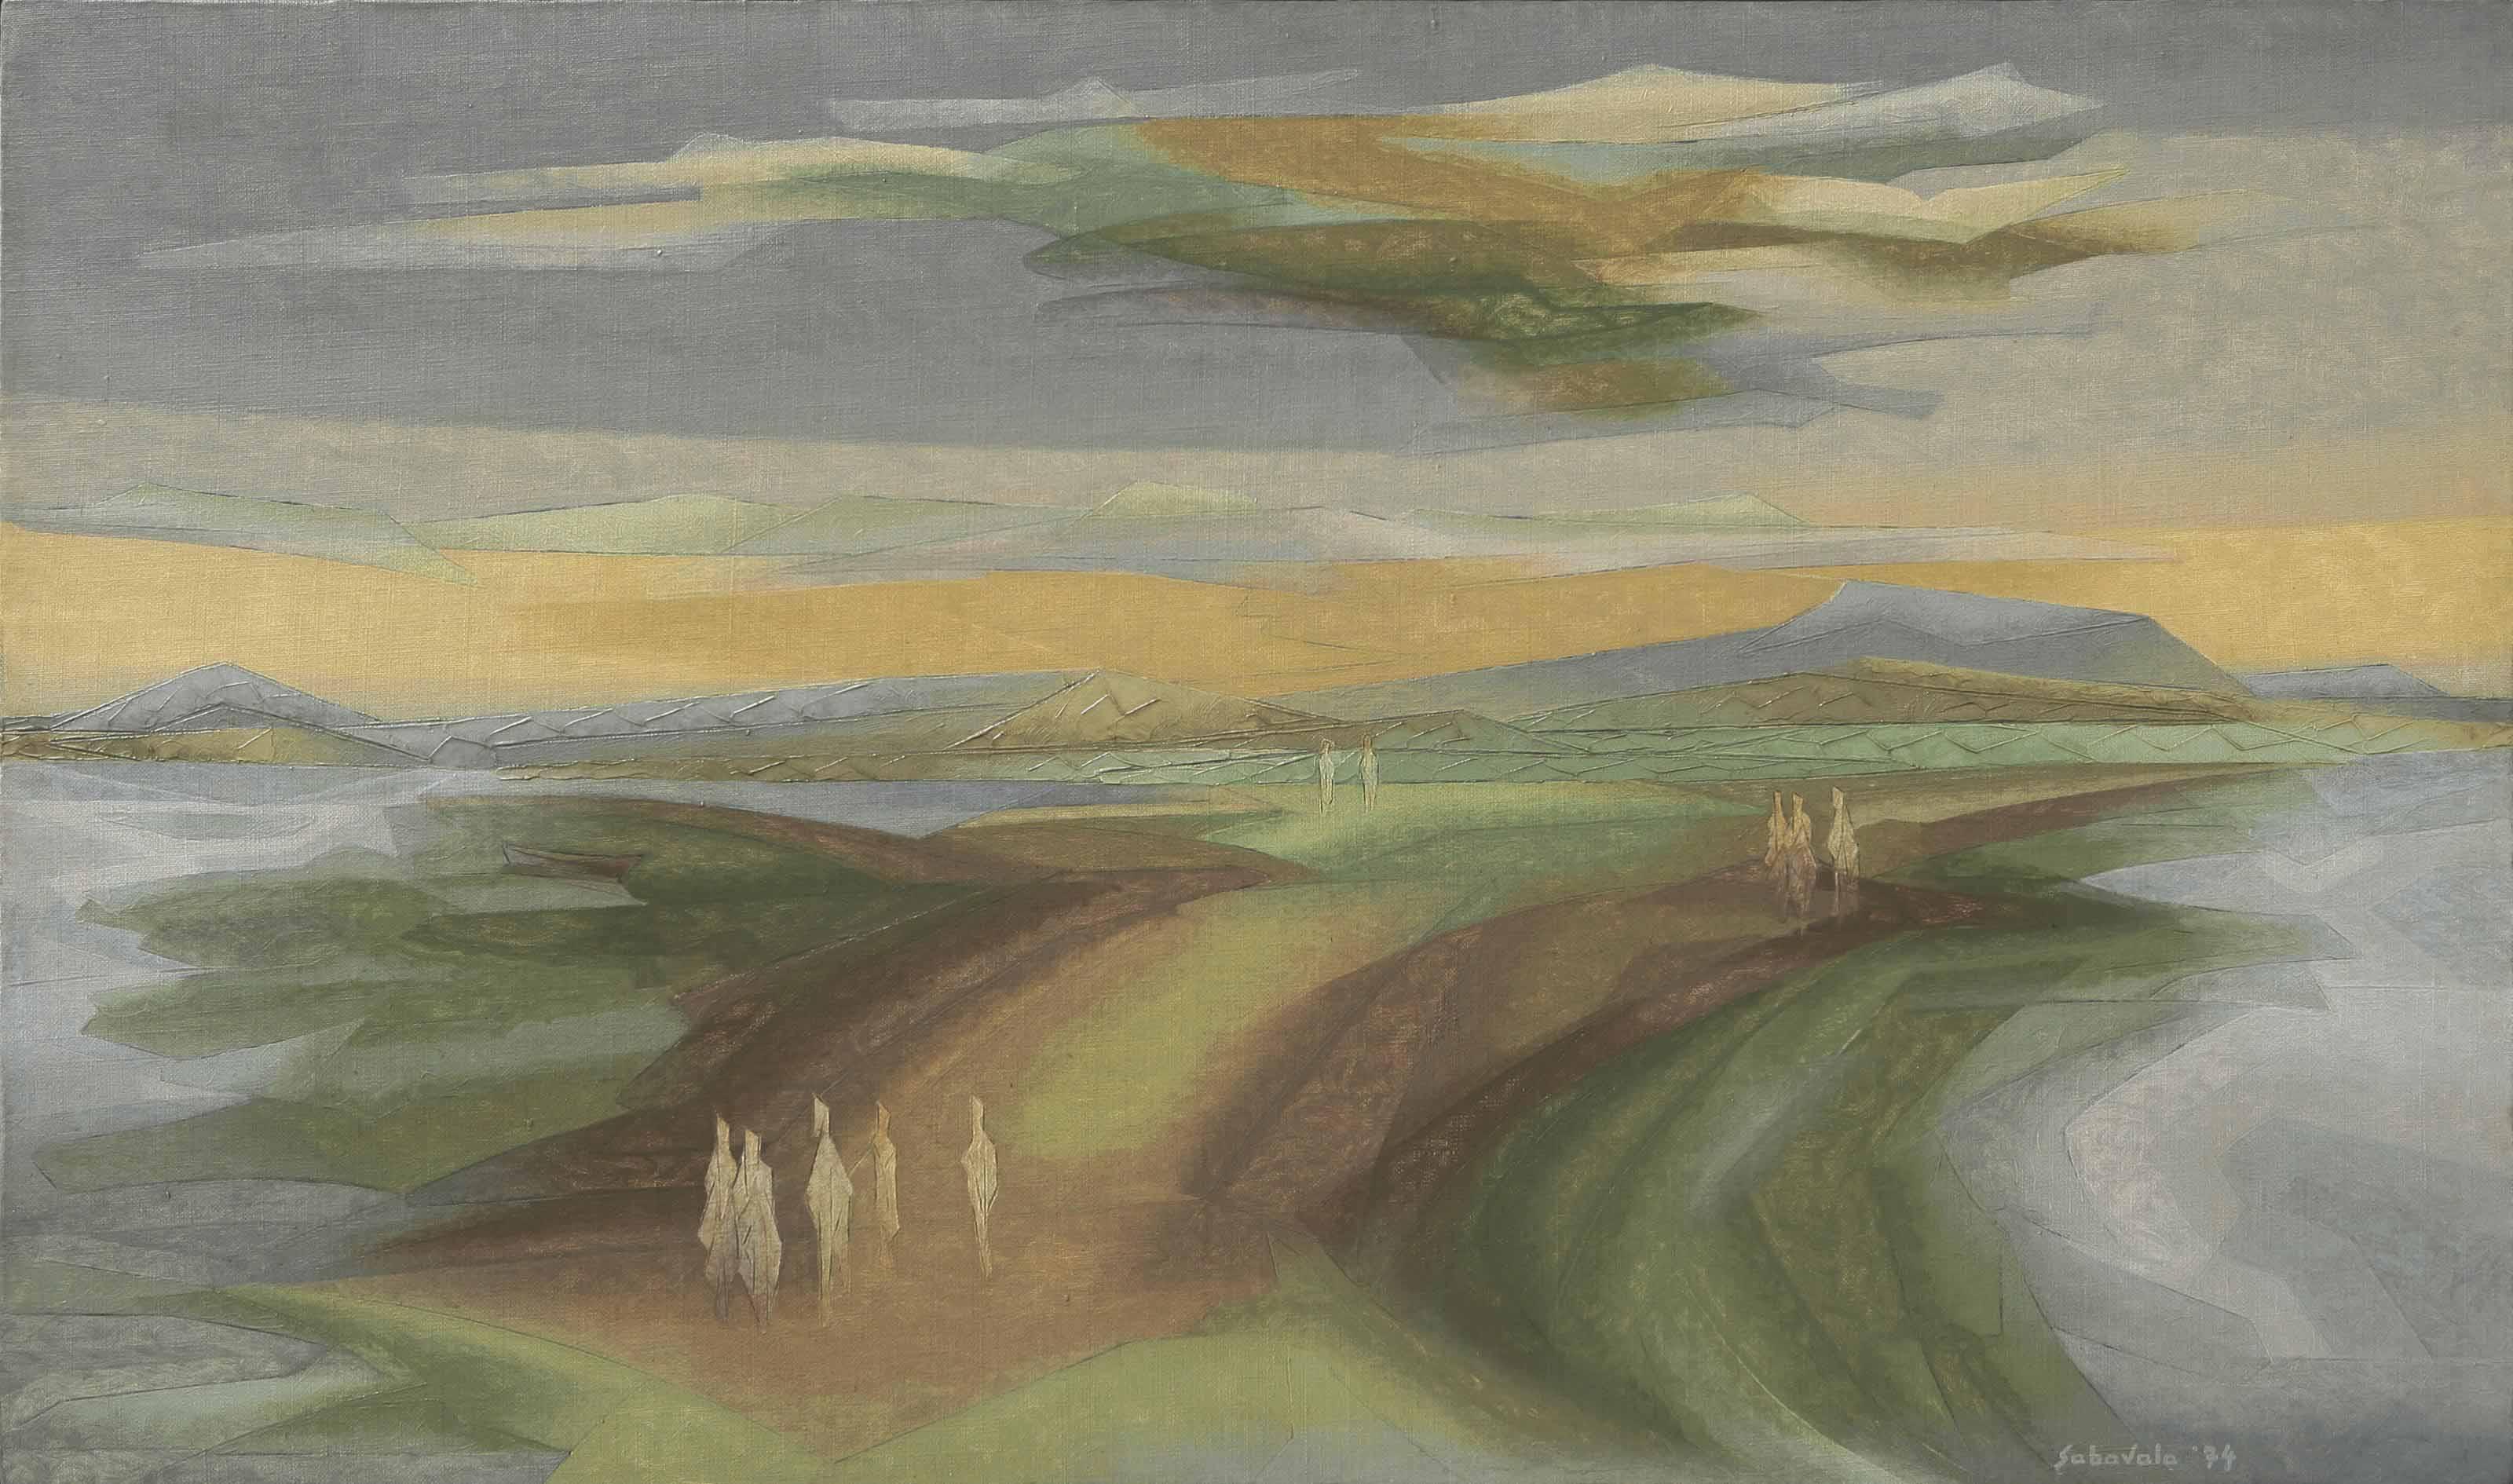 The Green Cape